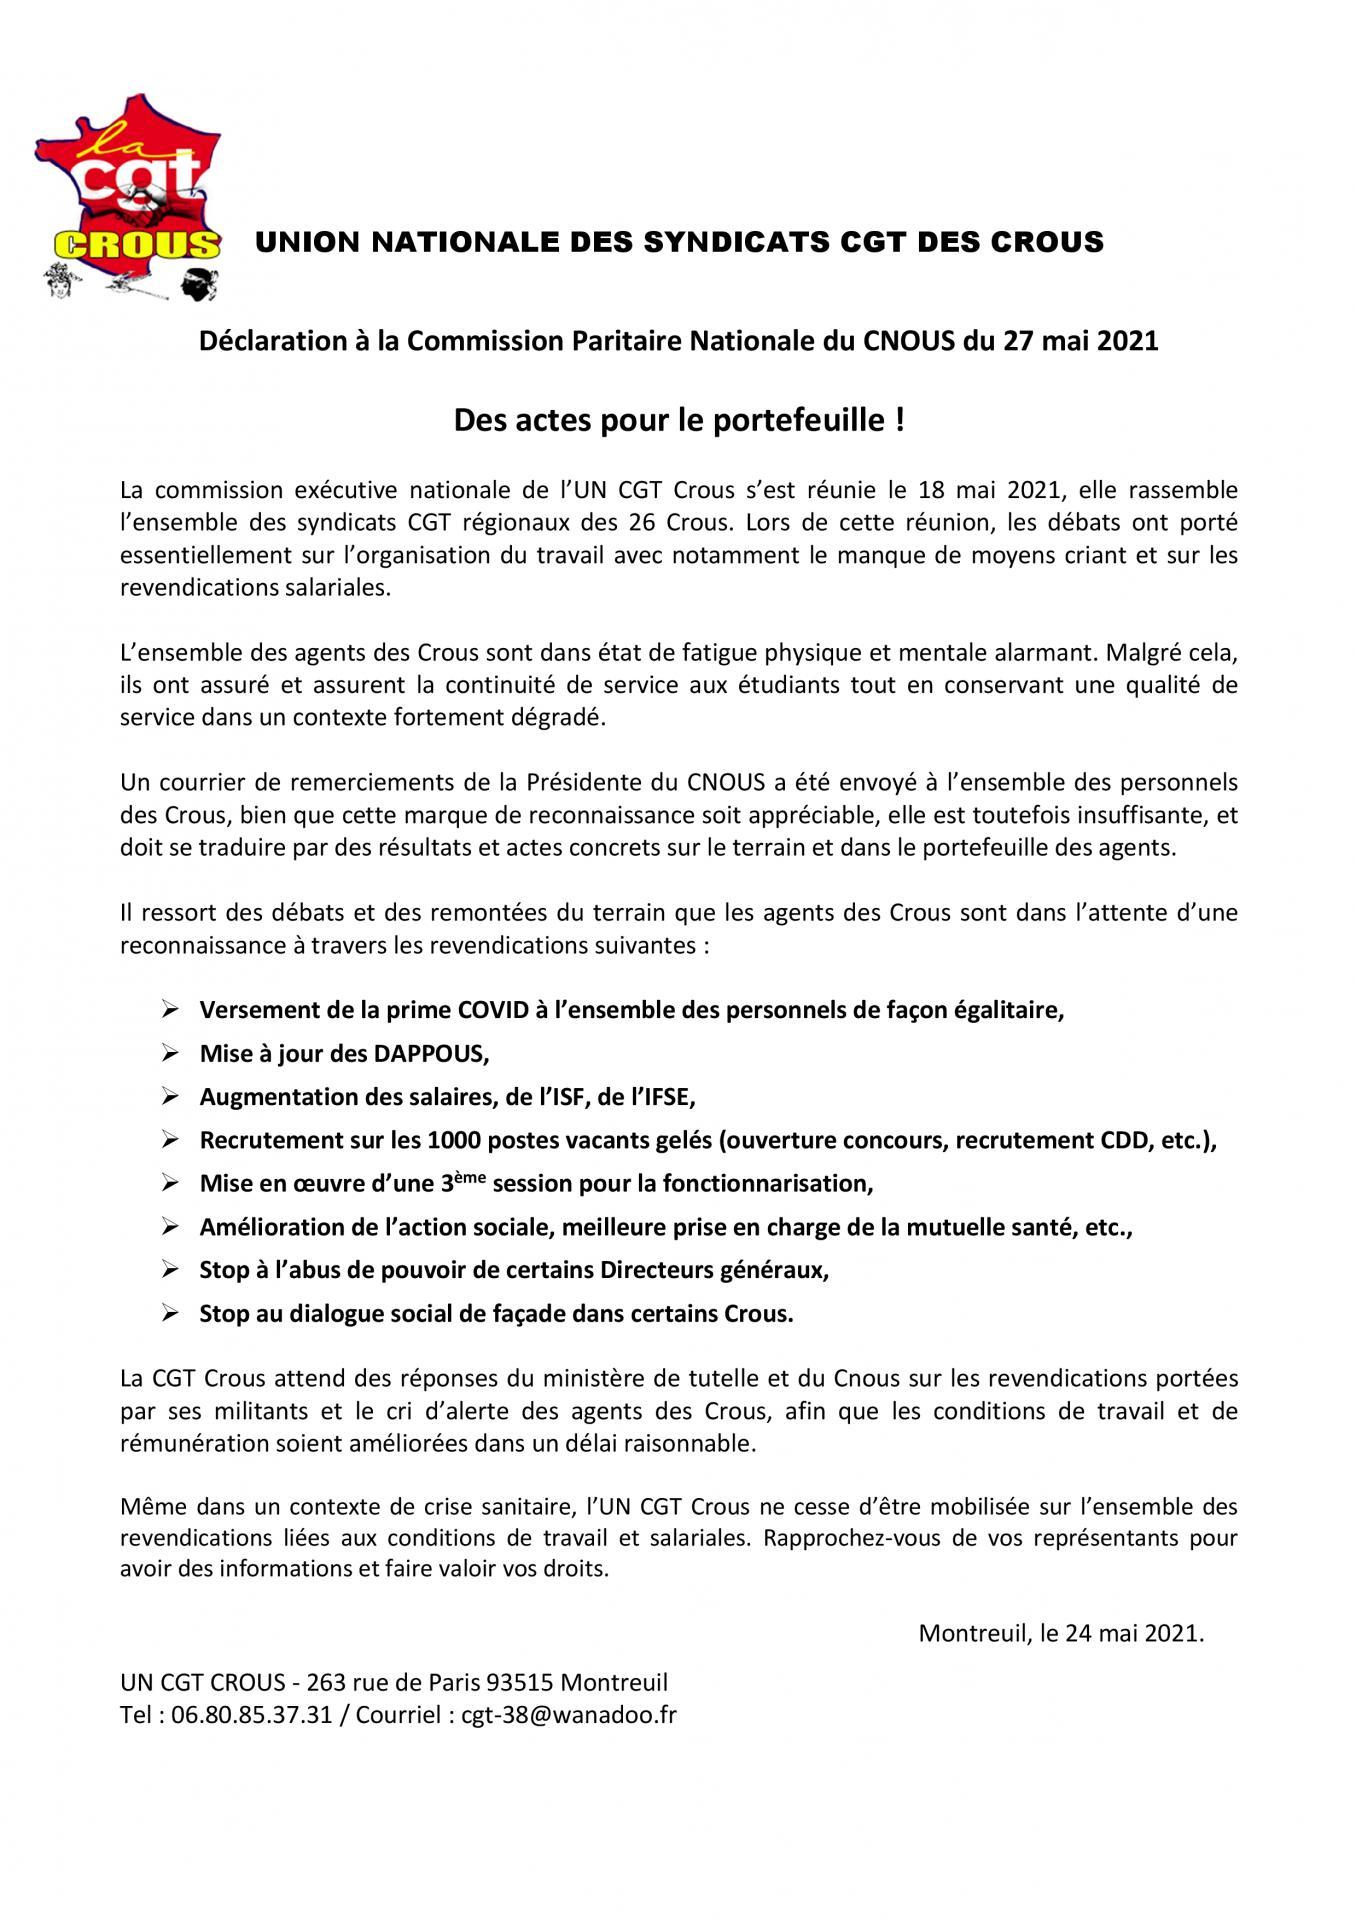 Declaration cpn 27052021